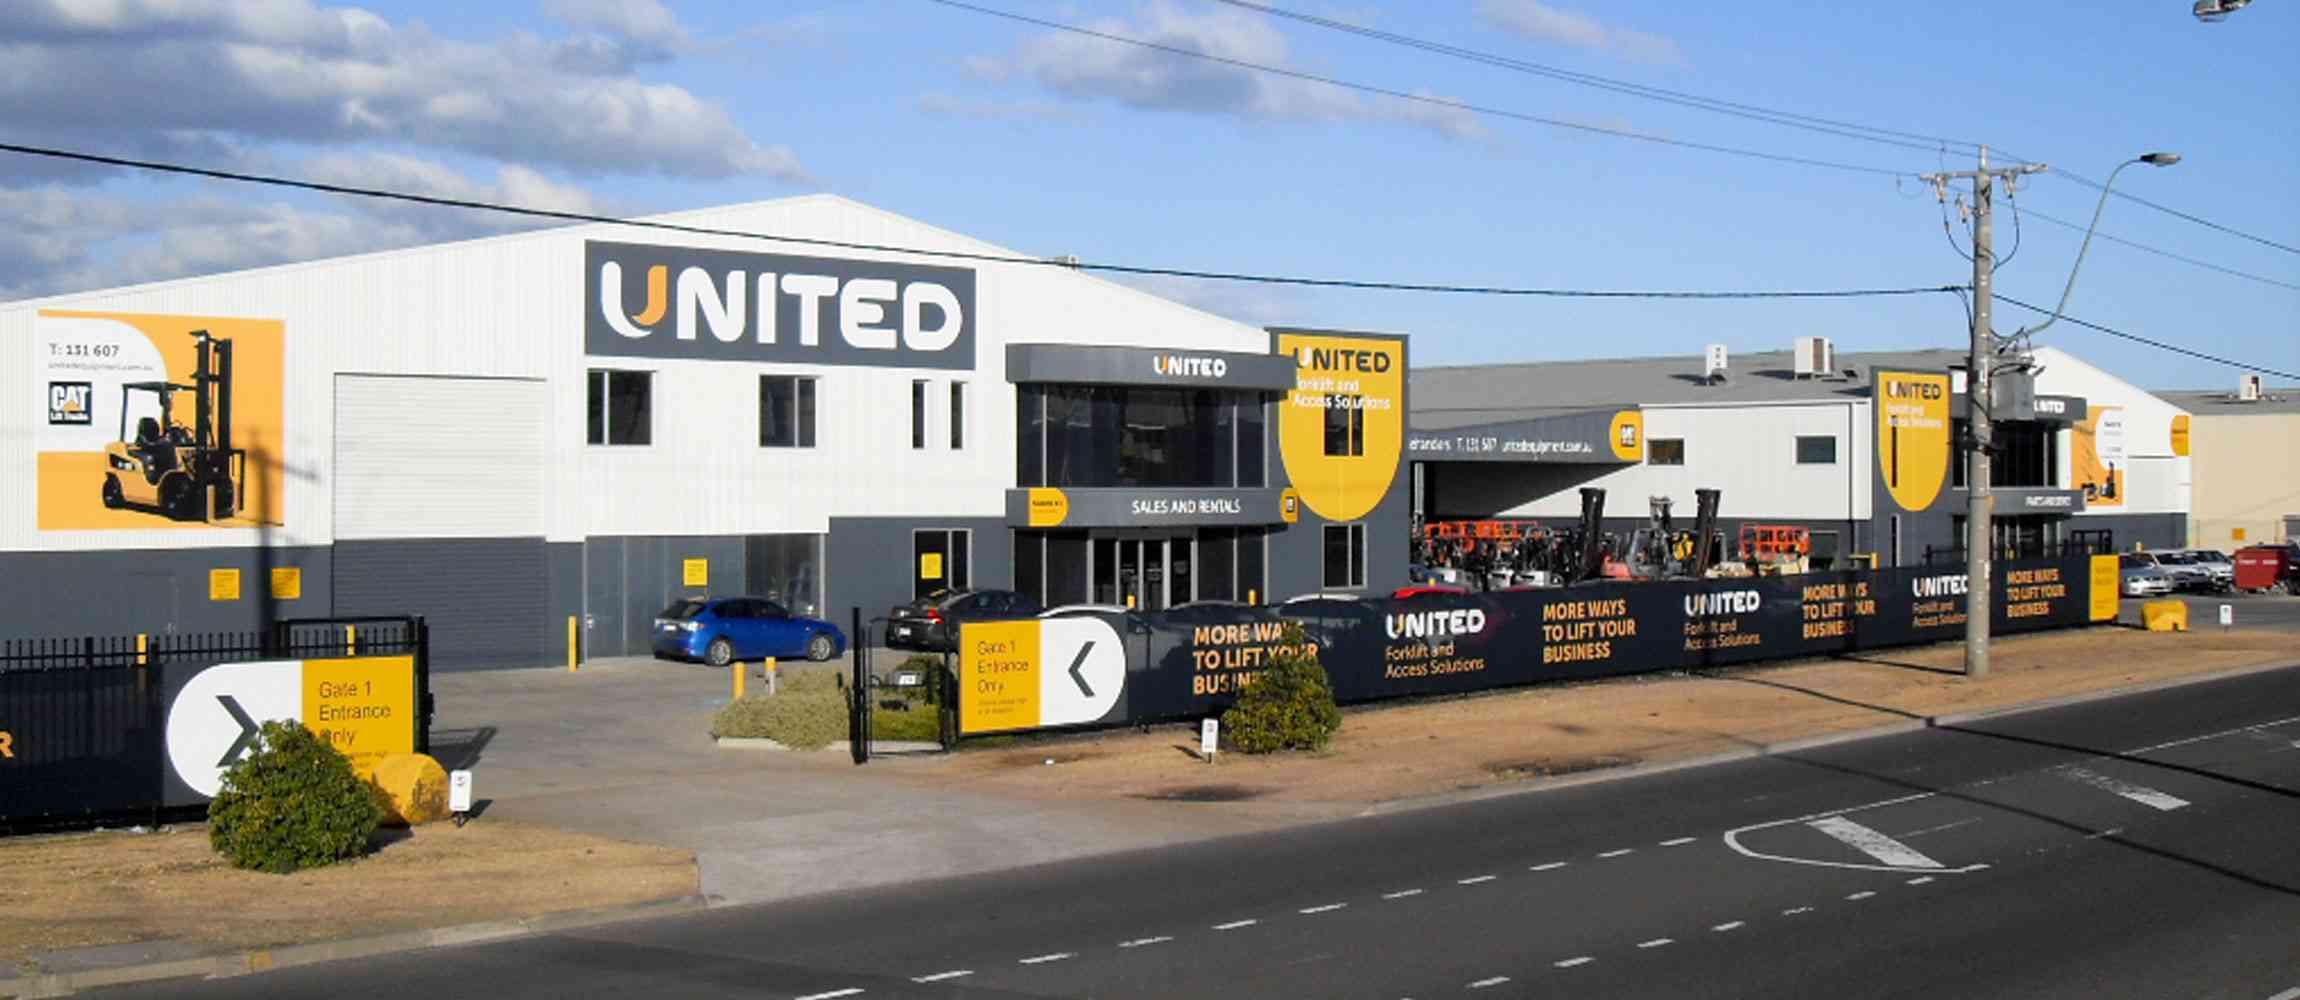 United Melbourne branch in the suburb of Altona